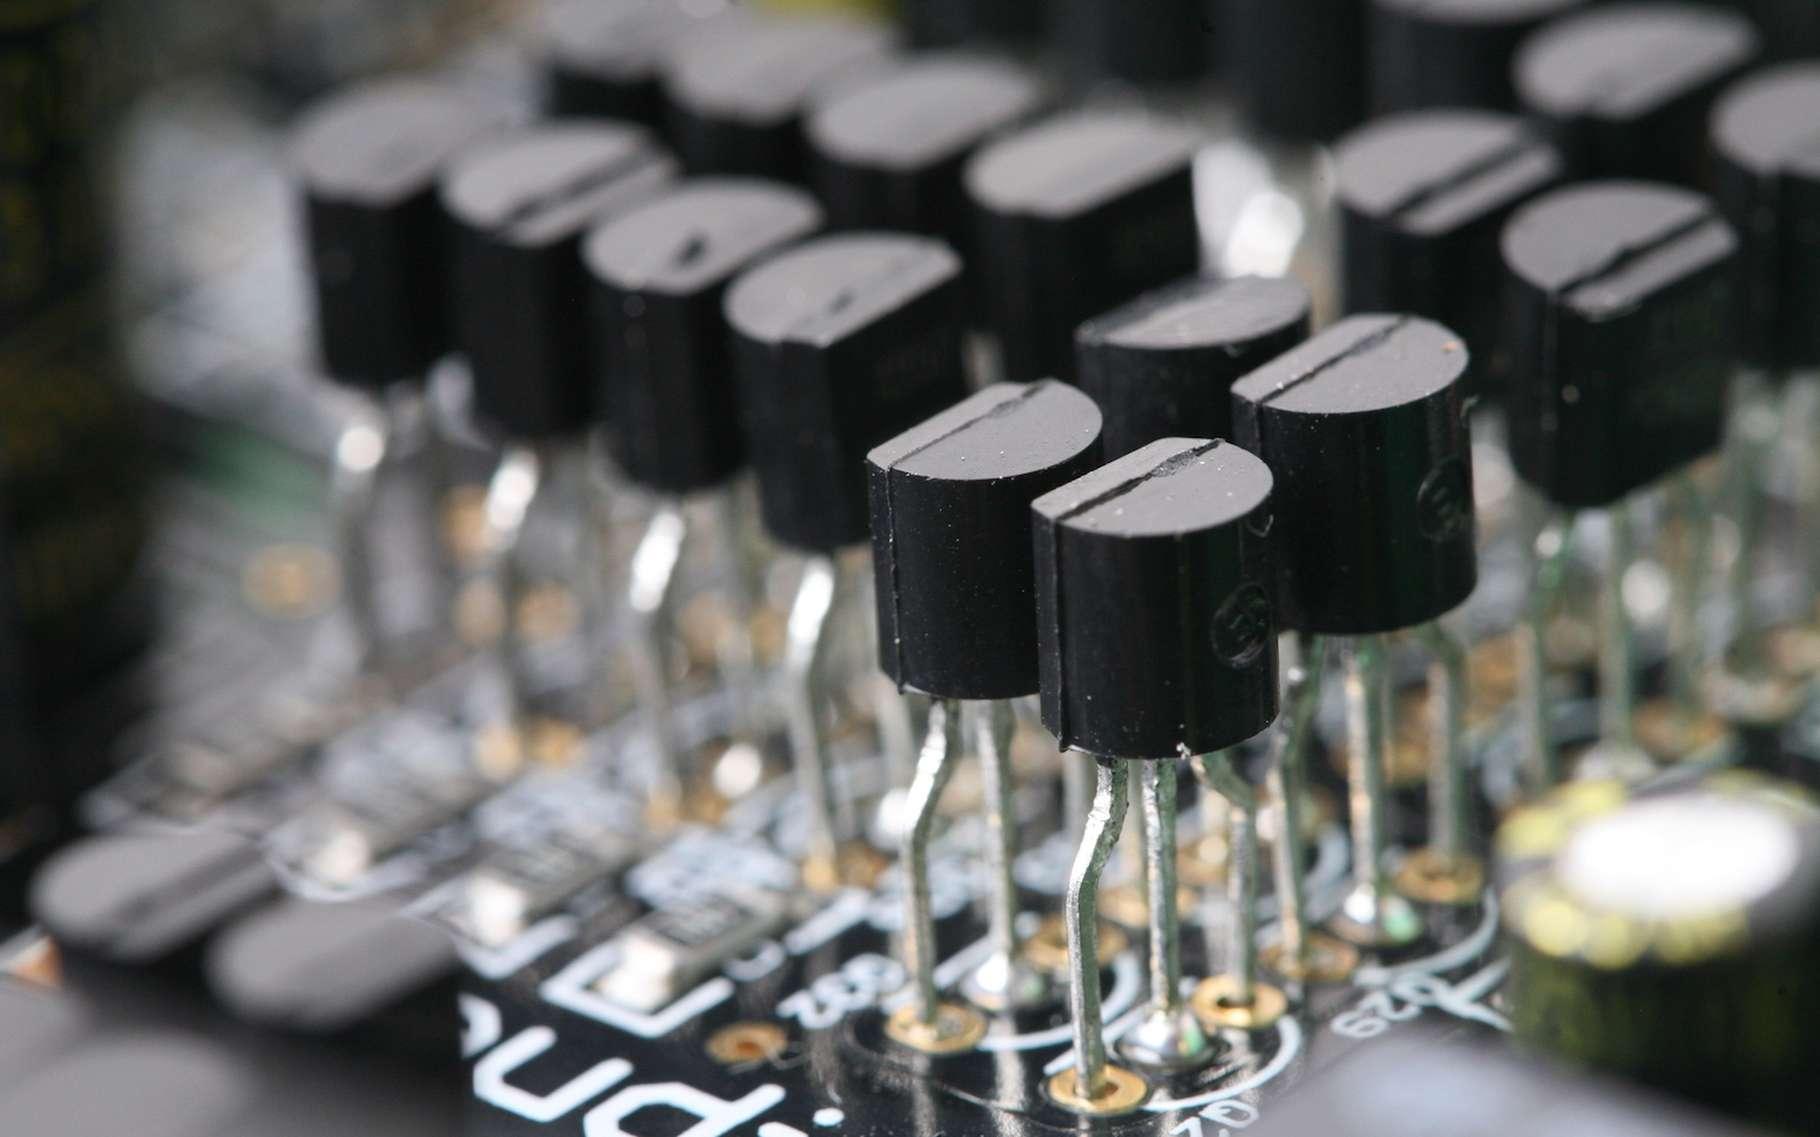 Les transistors d'aujourd'hui n'ont plus grand-chose à voir avec ceux d'hier. Ils se sont tellement miniaturisés qu'on peut en compter plusieurs milliards sur une seule et même puce électronique. Et ce chiffre pourrait encore augmenter grâce à l'invention du plus petit transistor du monde par une équipe du Berkeley Lab. © pockethifi, Shuttestock